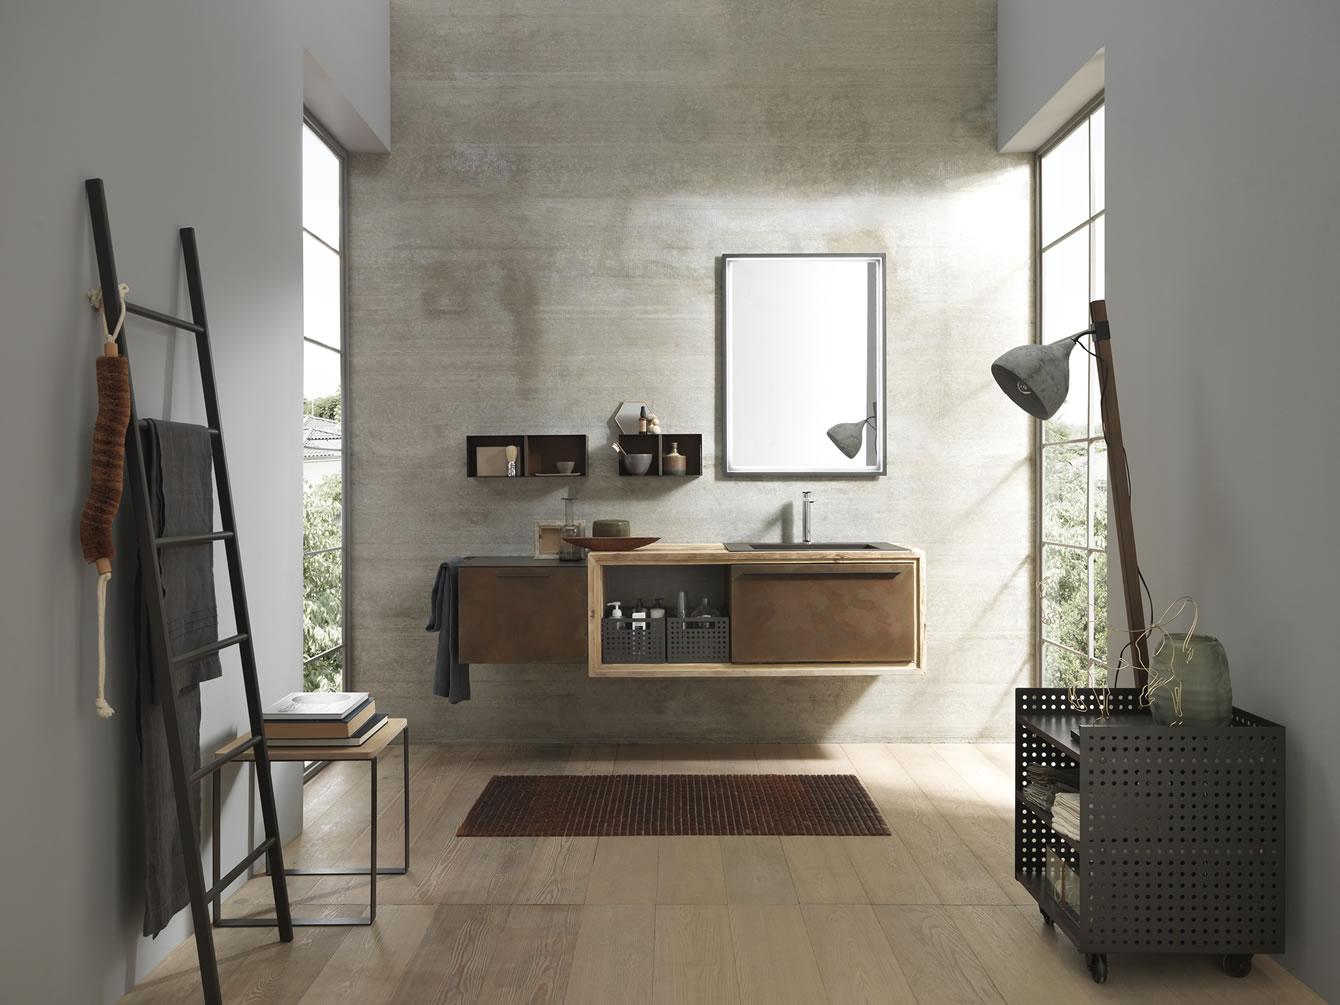 Bagni moderni piastrellando for Mobili moderni bagno